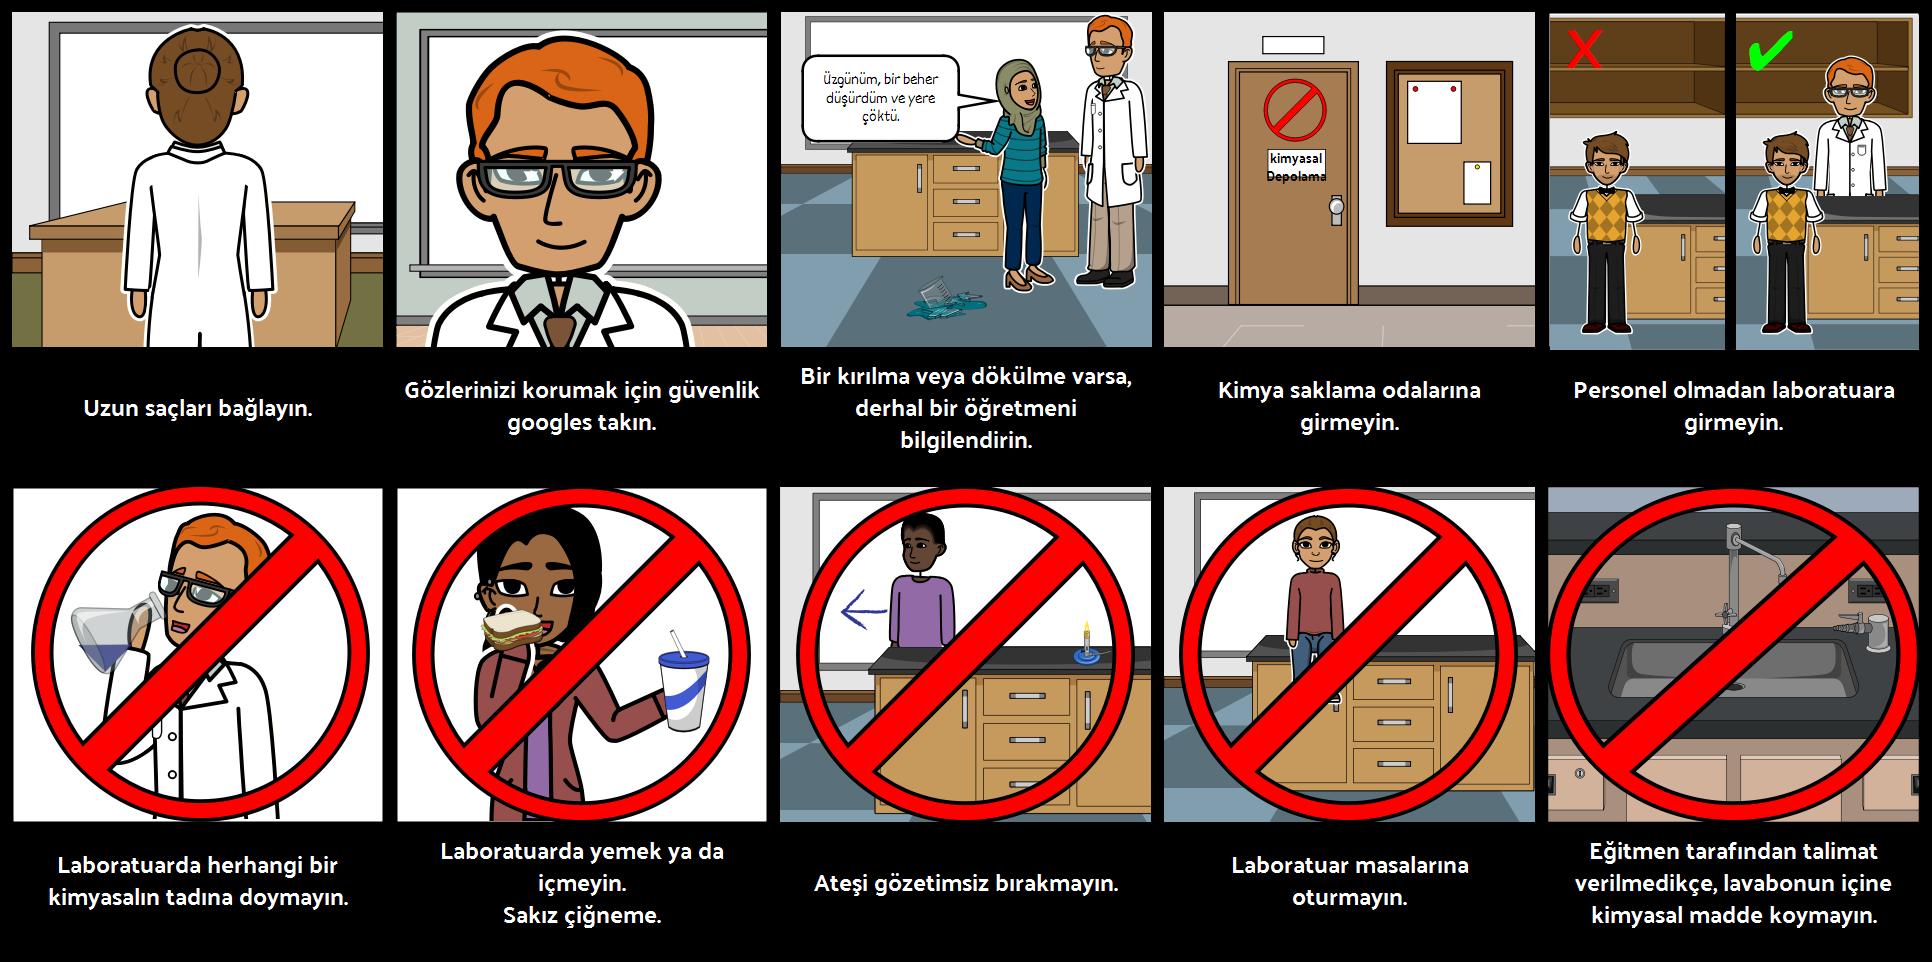 Laboratuvar Güvenliği Kuralları